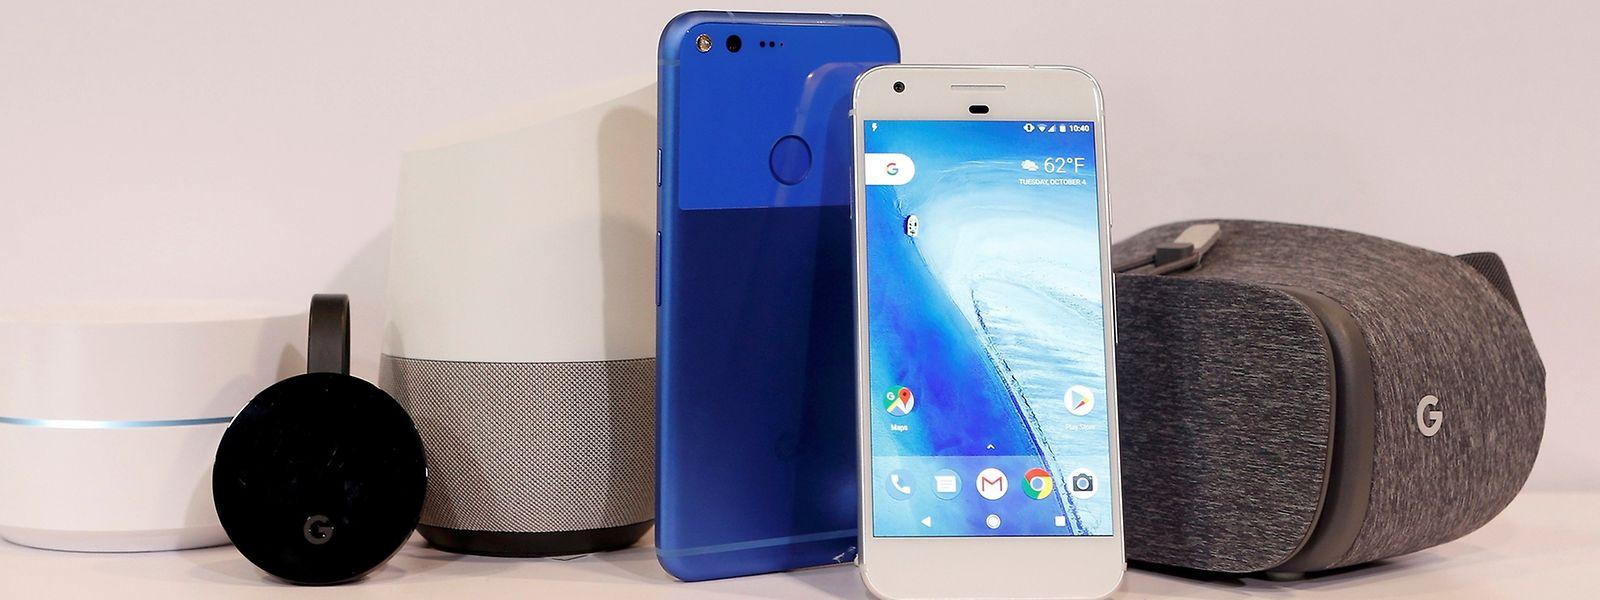 Google Wifi, Google Chromecast Ultra, Google Home, Google Pixel XL, Google Pixel and Google Dreamview VR waren während der Vorstellung auf dem Gerät angezeigt.